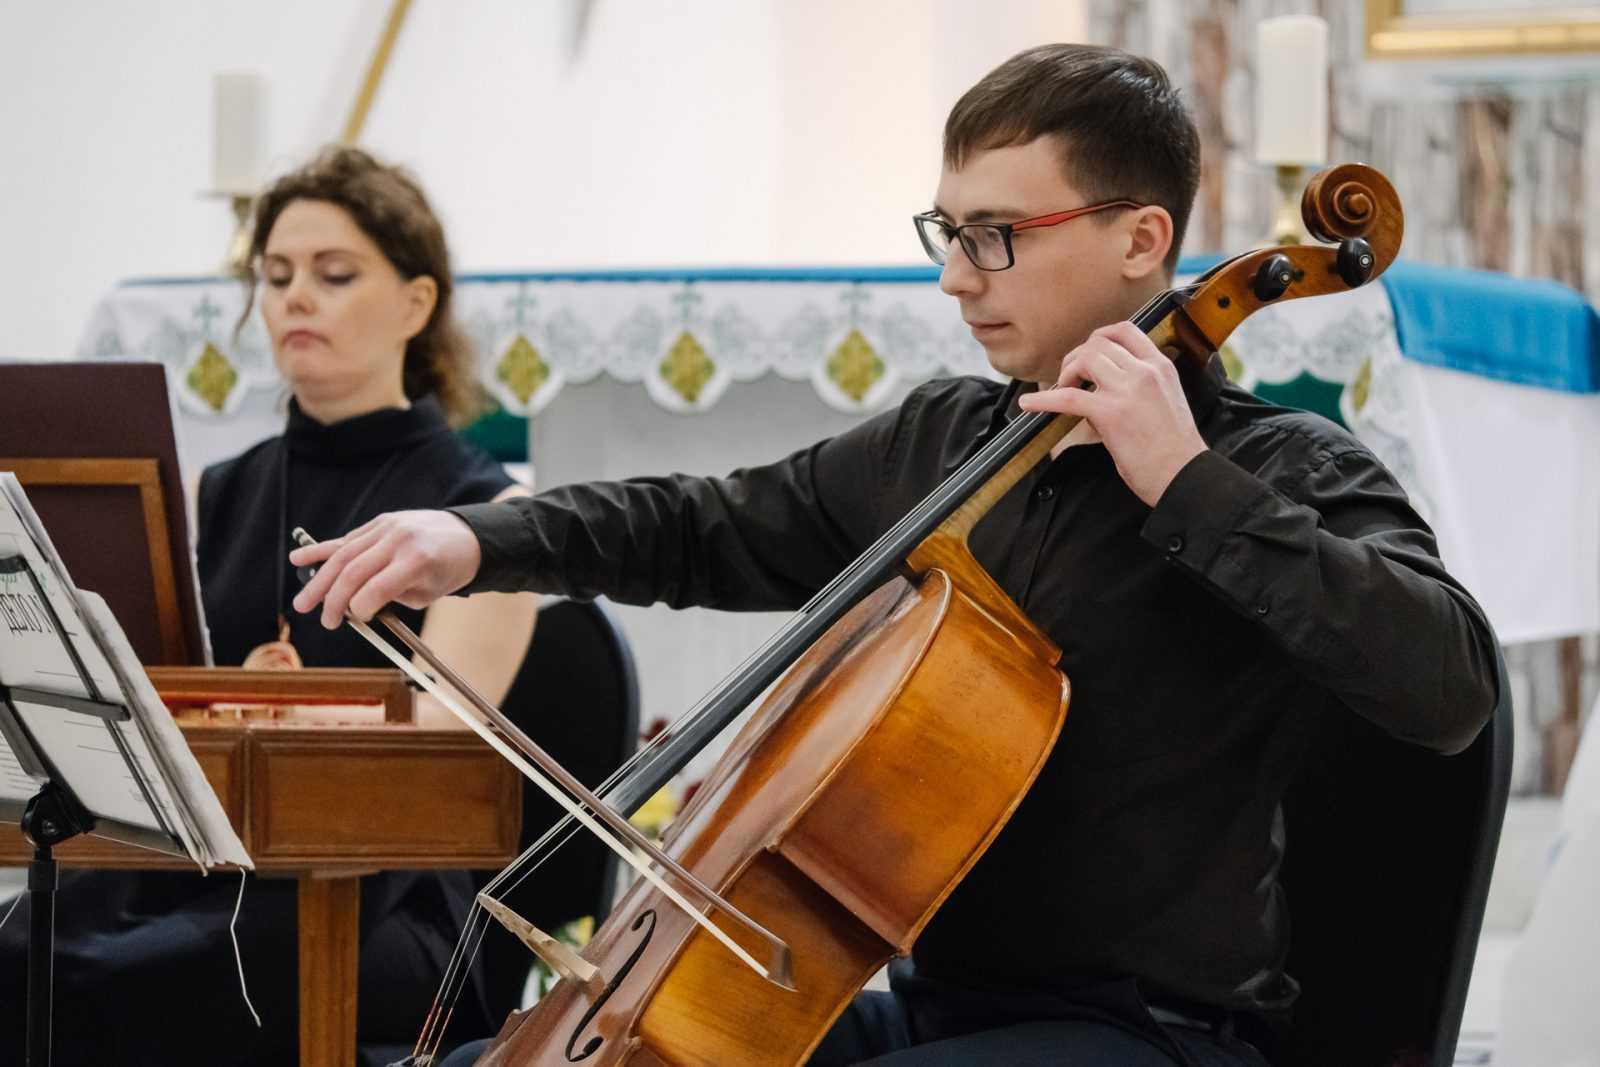 Музыка в храме КОНЦЕРТ «МАСТЕРА БАРОККО» 26.10.2019 24